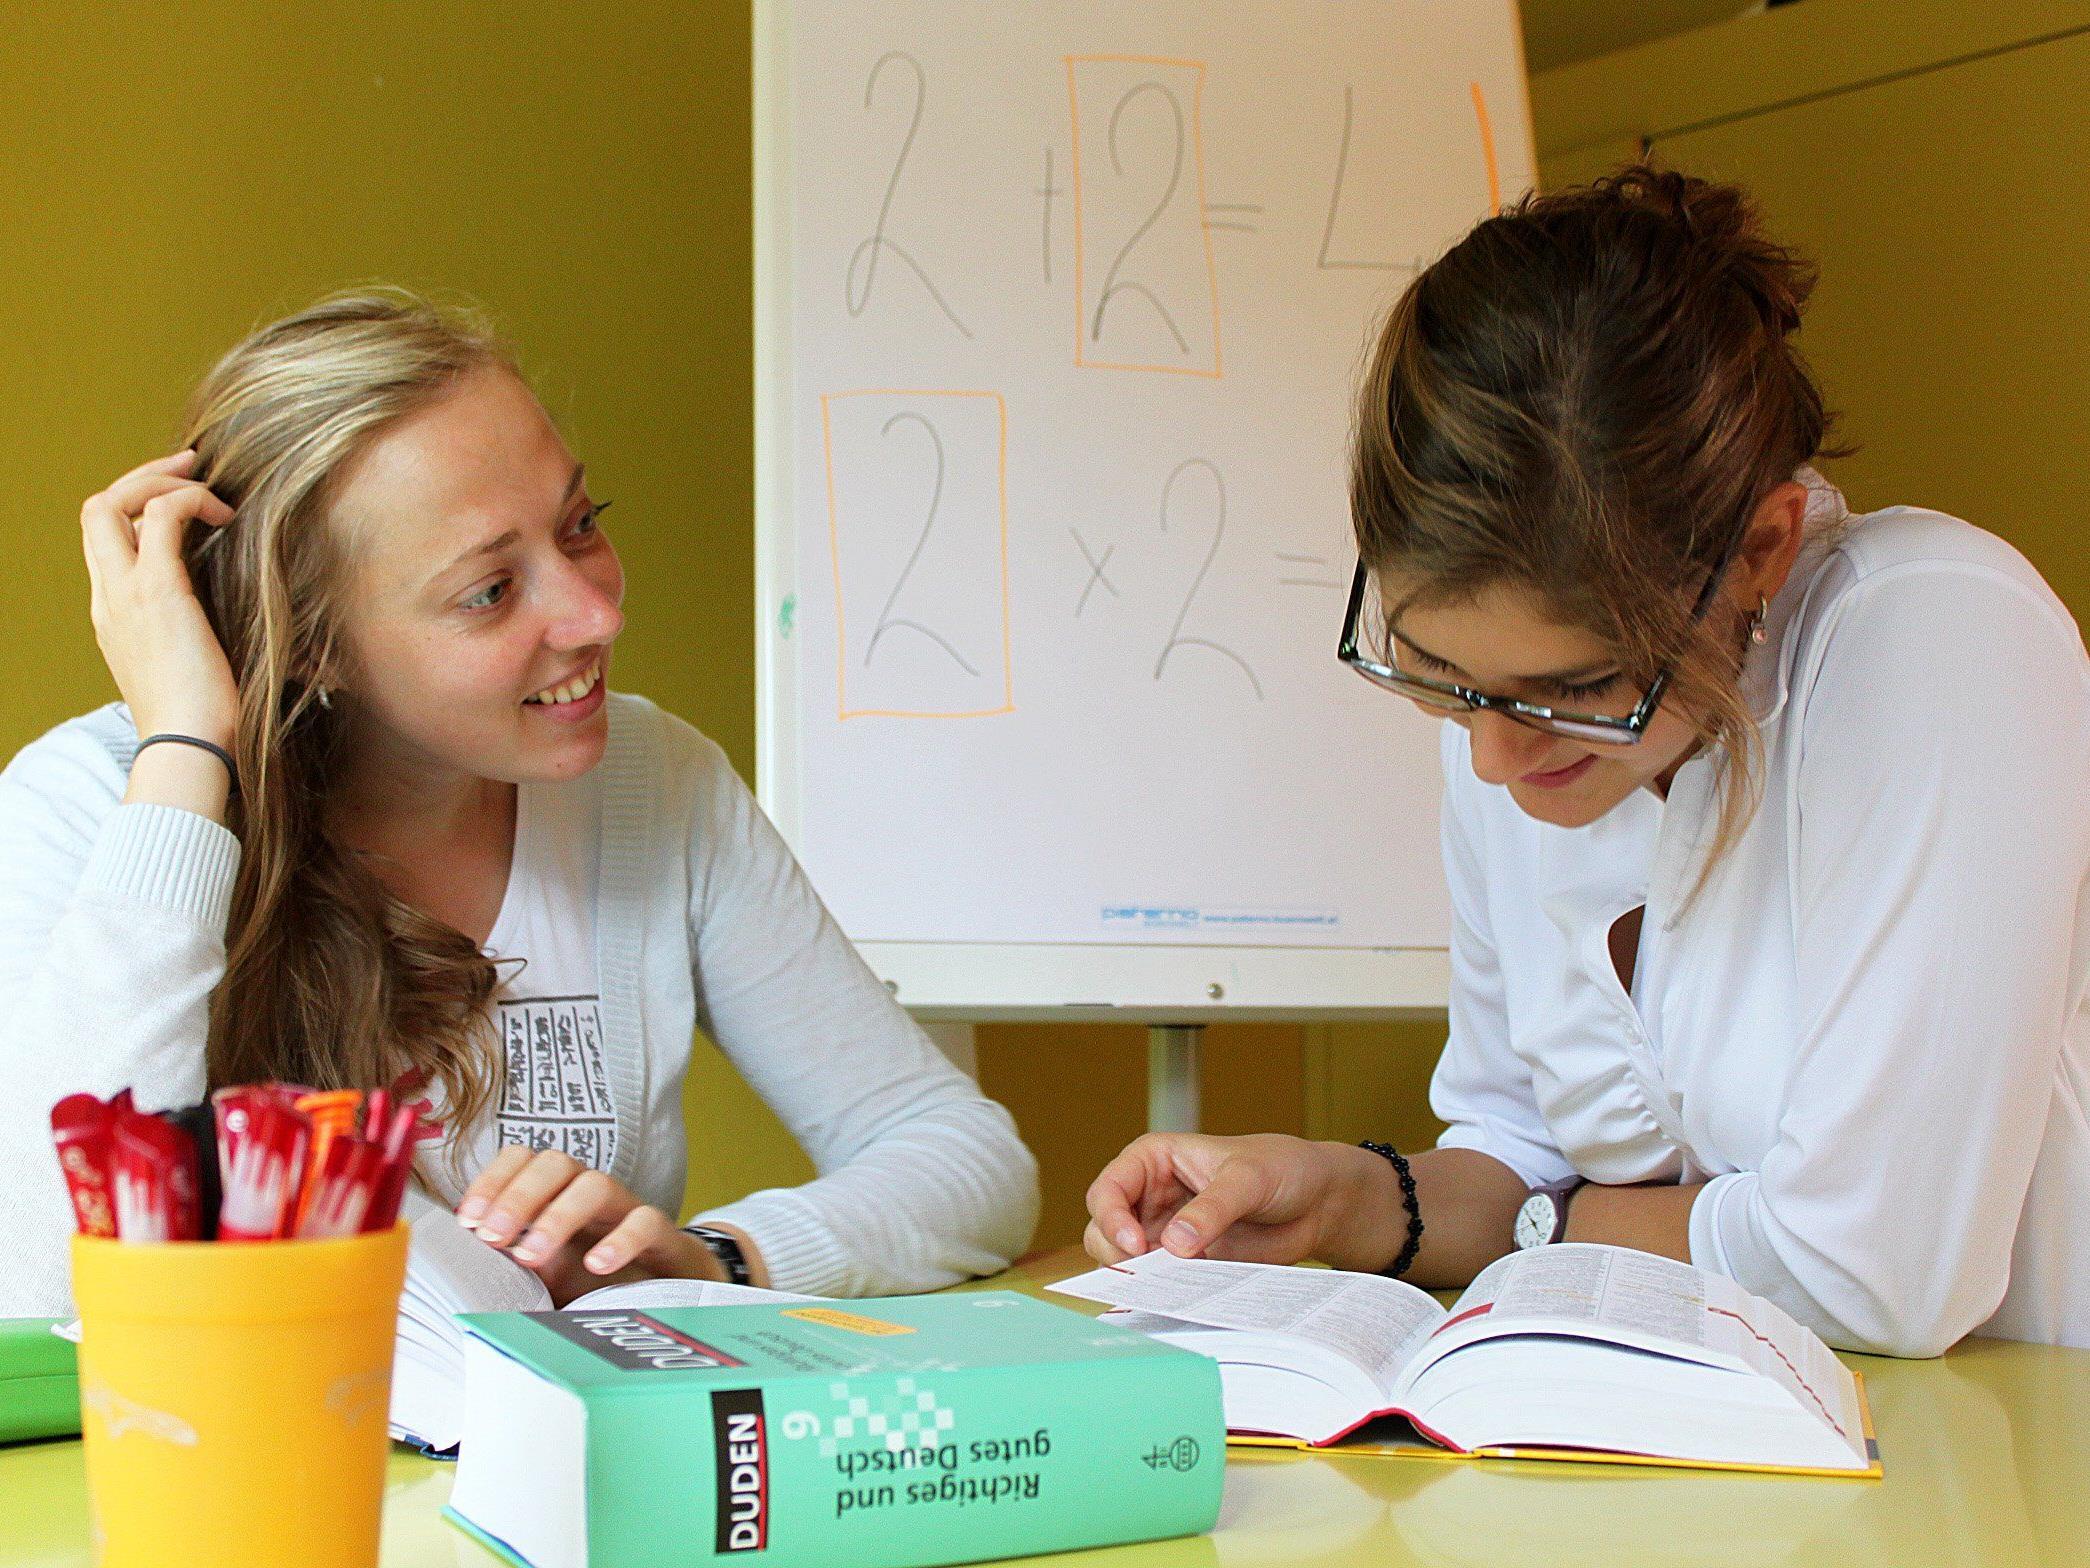 360-InhaberInnen können zwischen 3. und 10. Juli 2015 einen Nachhilfe-Gutschein der Schülerhilfe Rheintal gewinnen. Infos unter www.360card.at/faett.